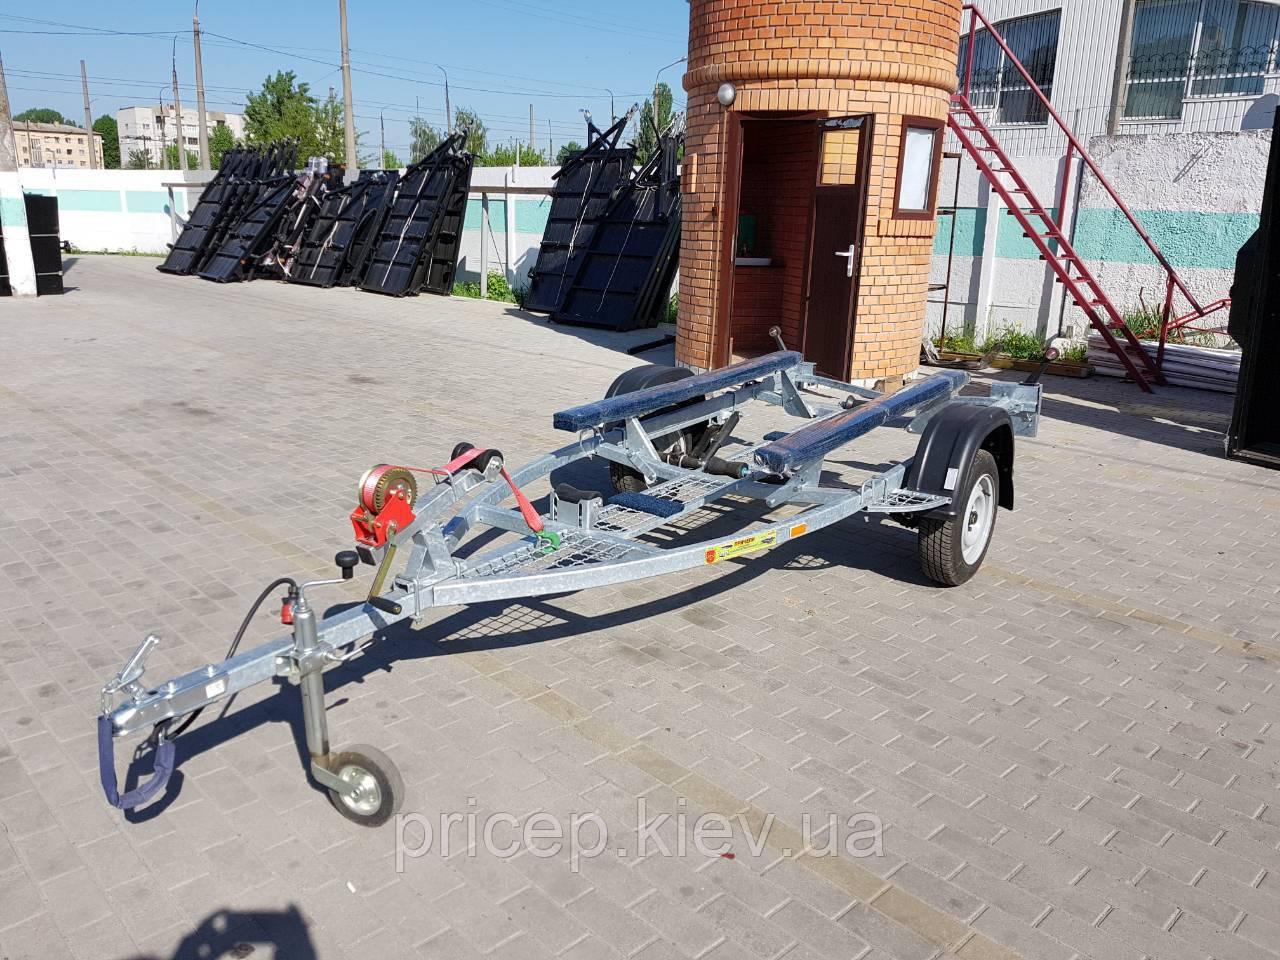 Купити лафет для водного мотоцикла до 3,6 м. Рама - 4,2 м.